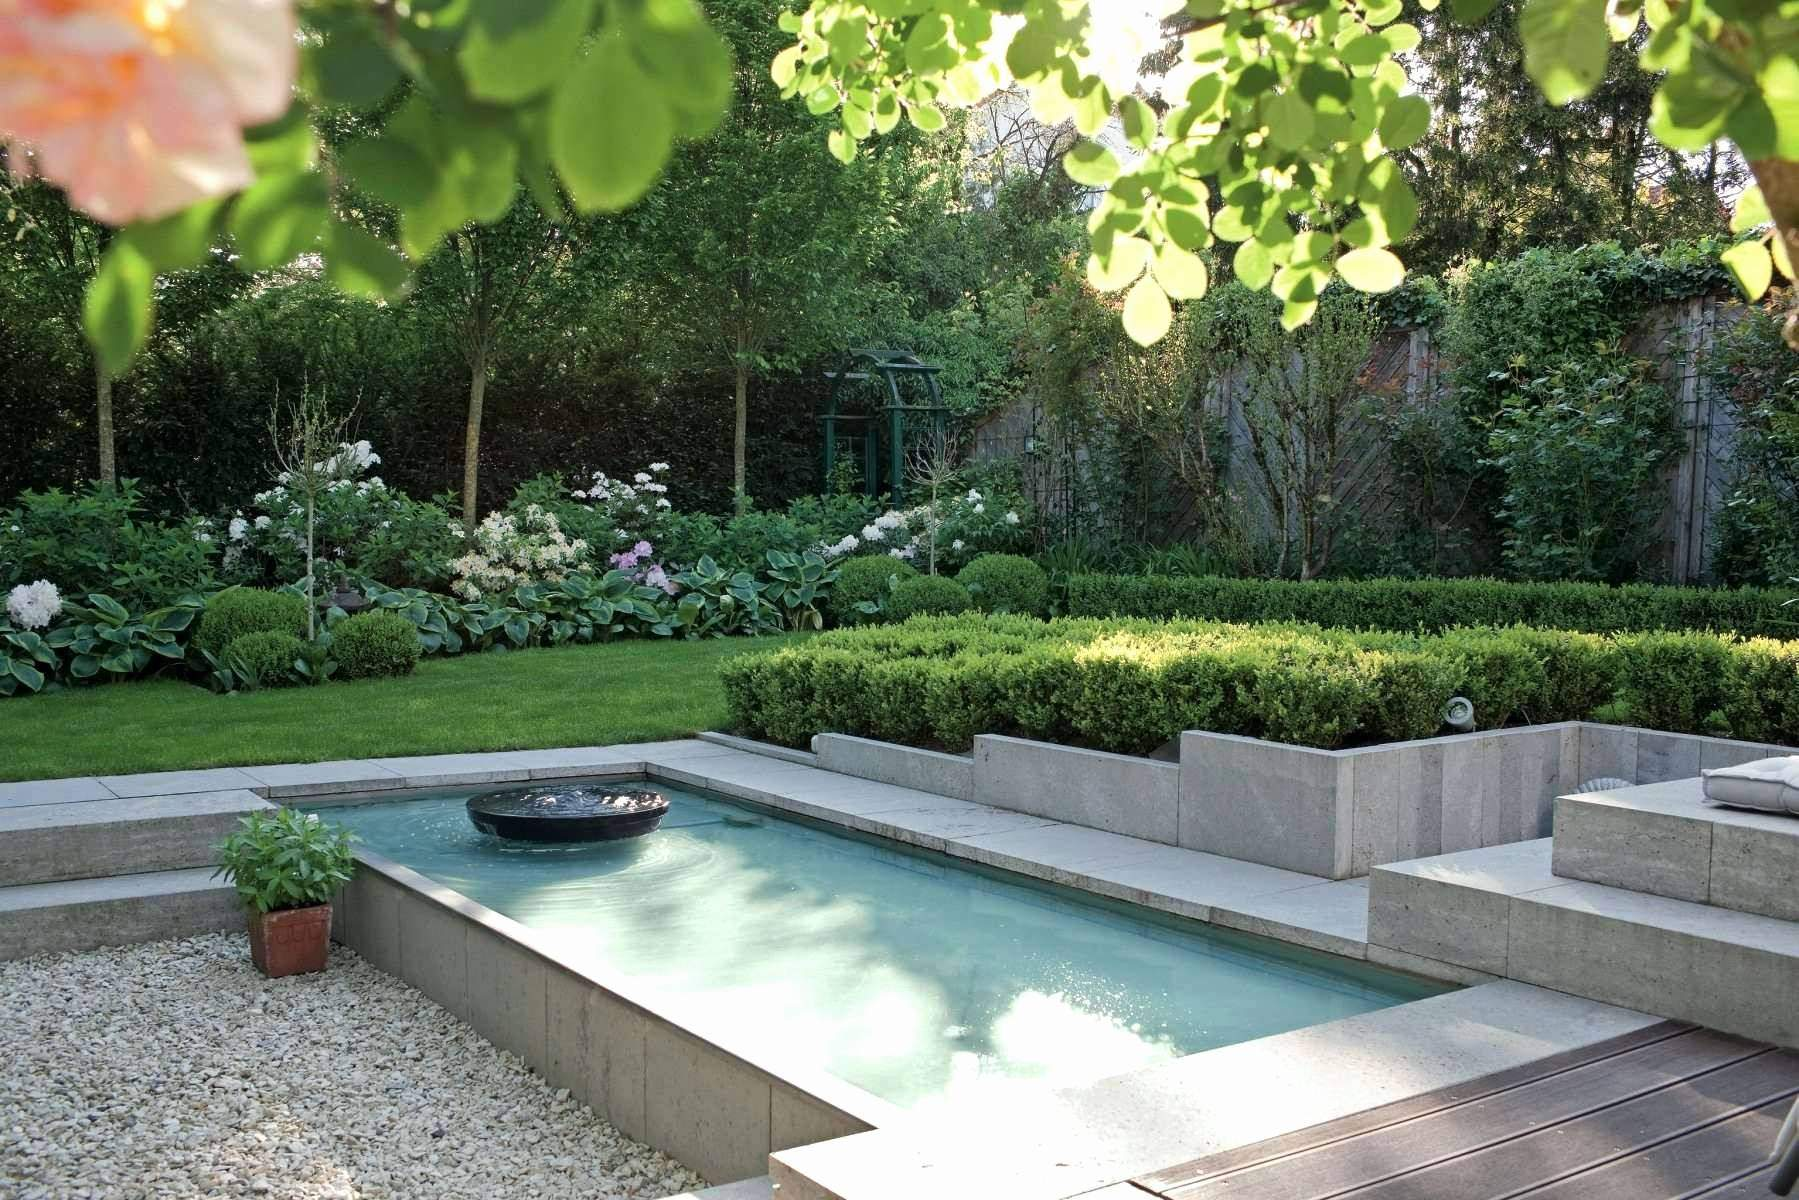 pool im garten integrieren elegant 39 einzigartig pool im garten integrieren elegant of pool im garten integrieren